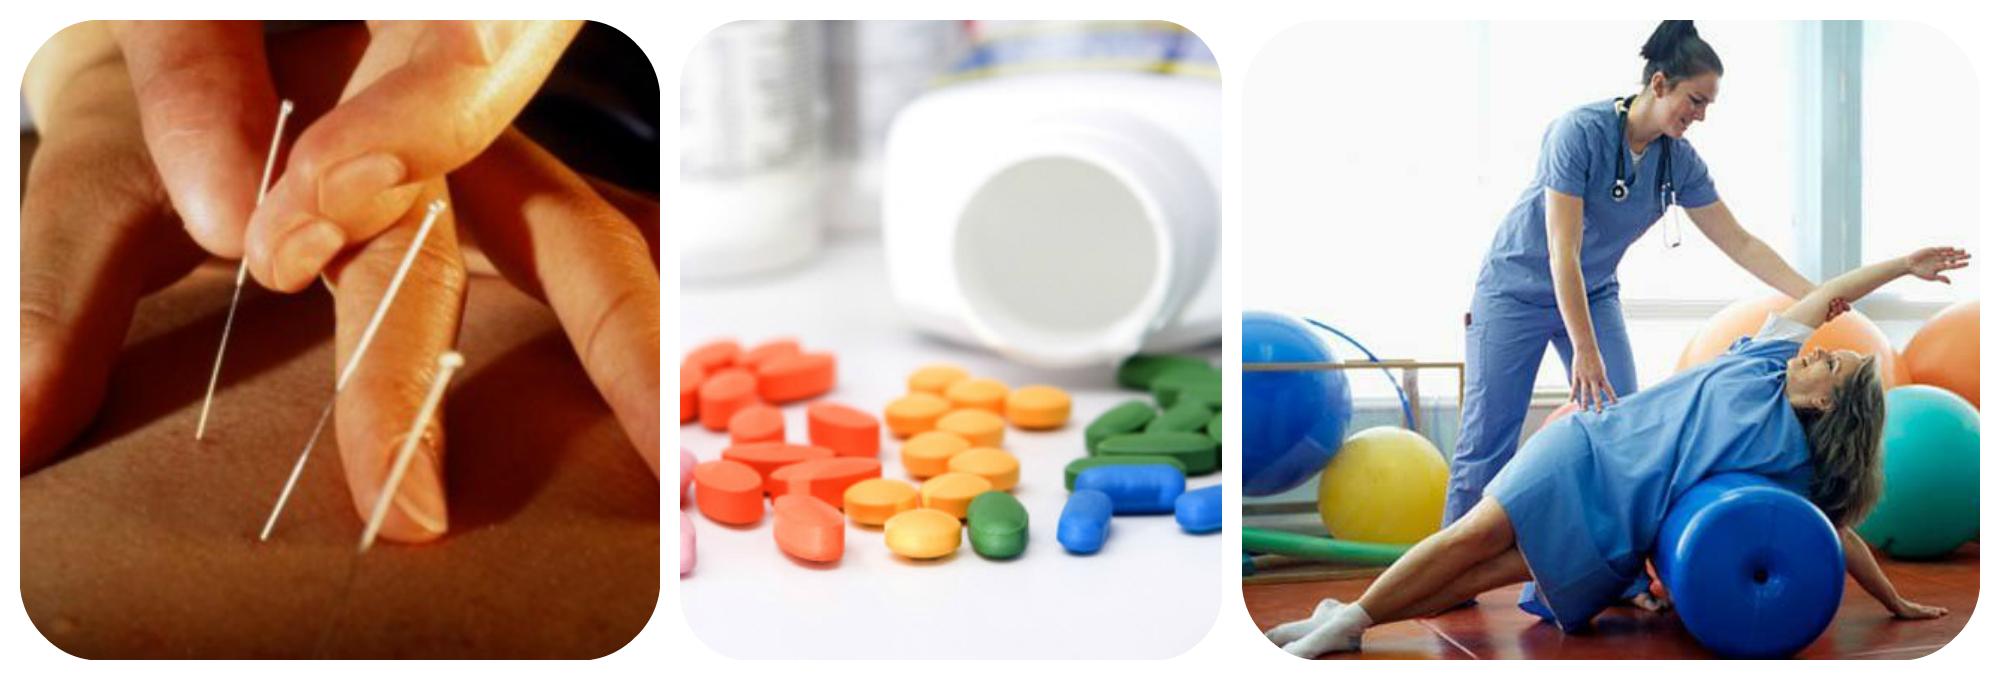 лфк, иглоукалывание, медикаменты